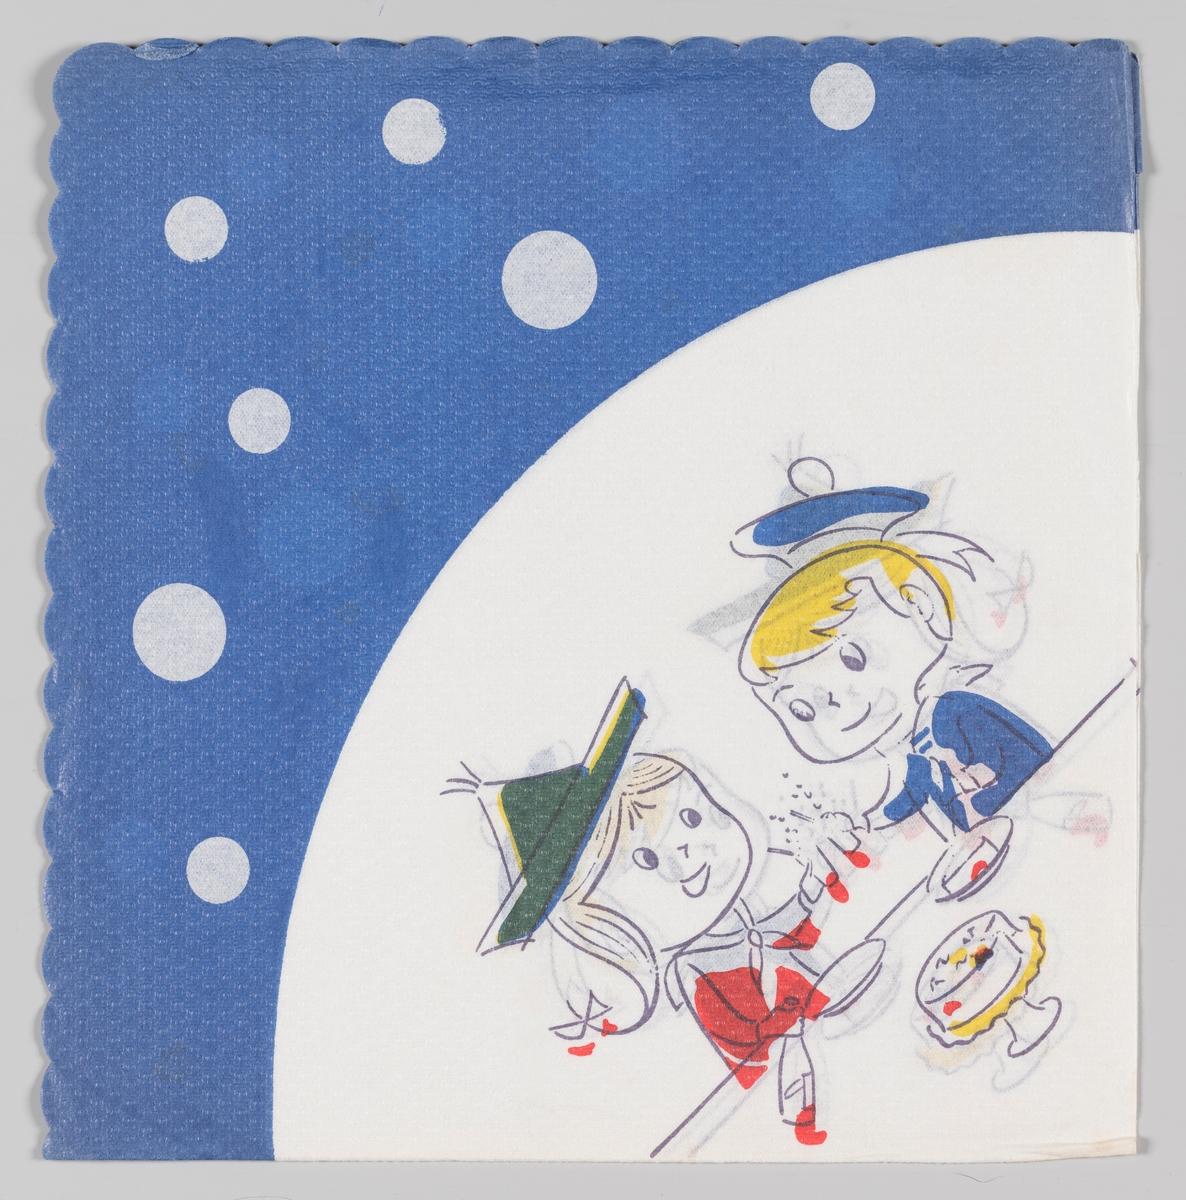 En gutt og en jente i bursdagsselskap. Barna har hatter og drikker brus og spiser kake. Blå buet kant med hvite prikker.